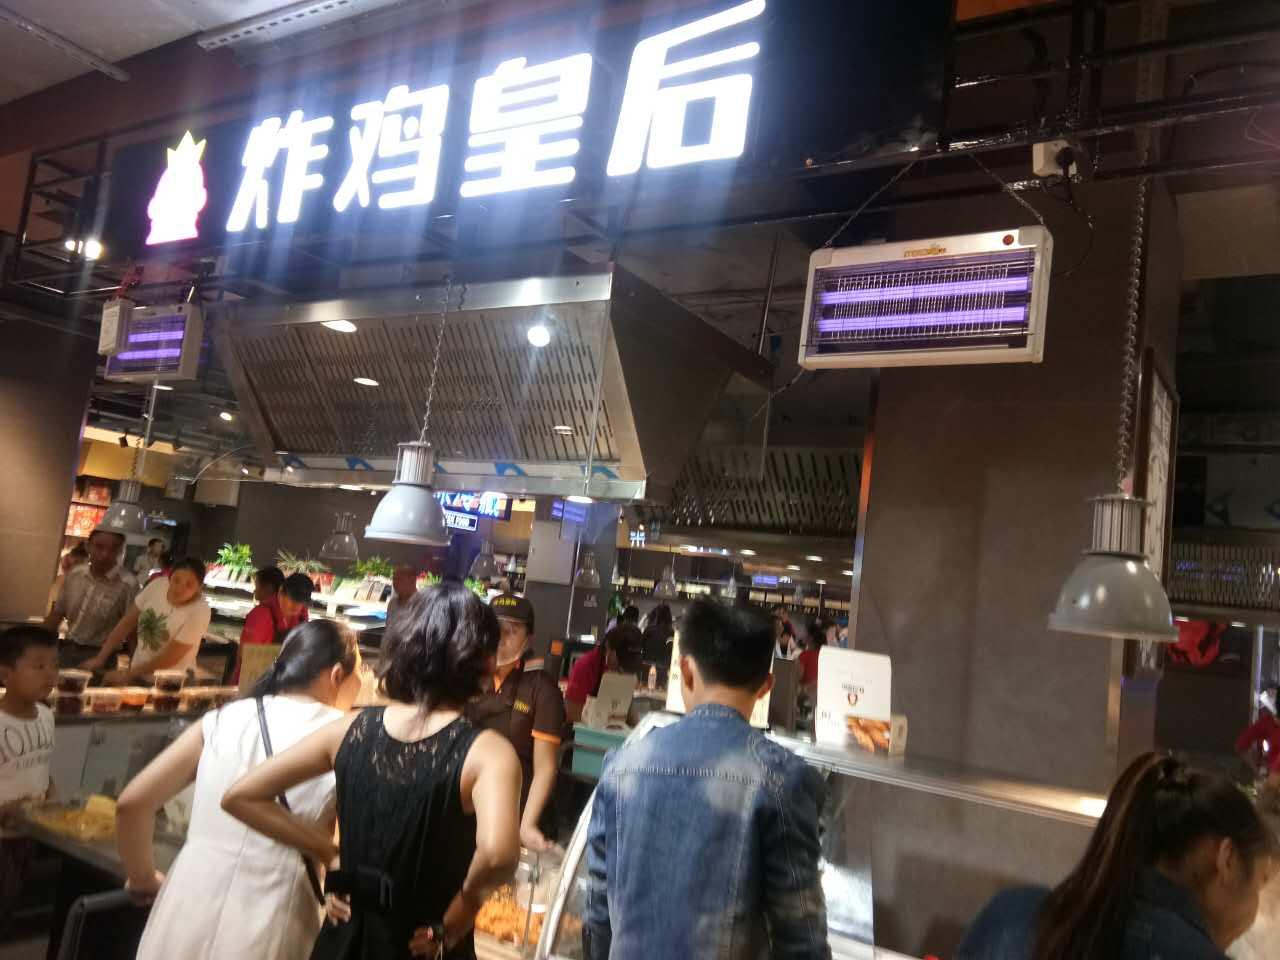 开业分享:炸鸡皇后8月14日盛大开业的店!